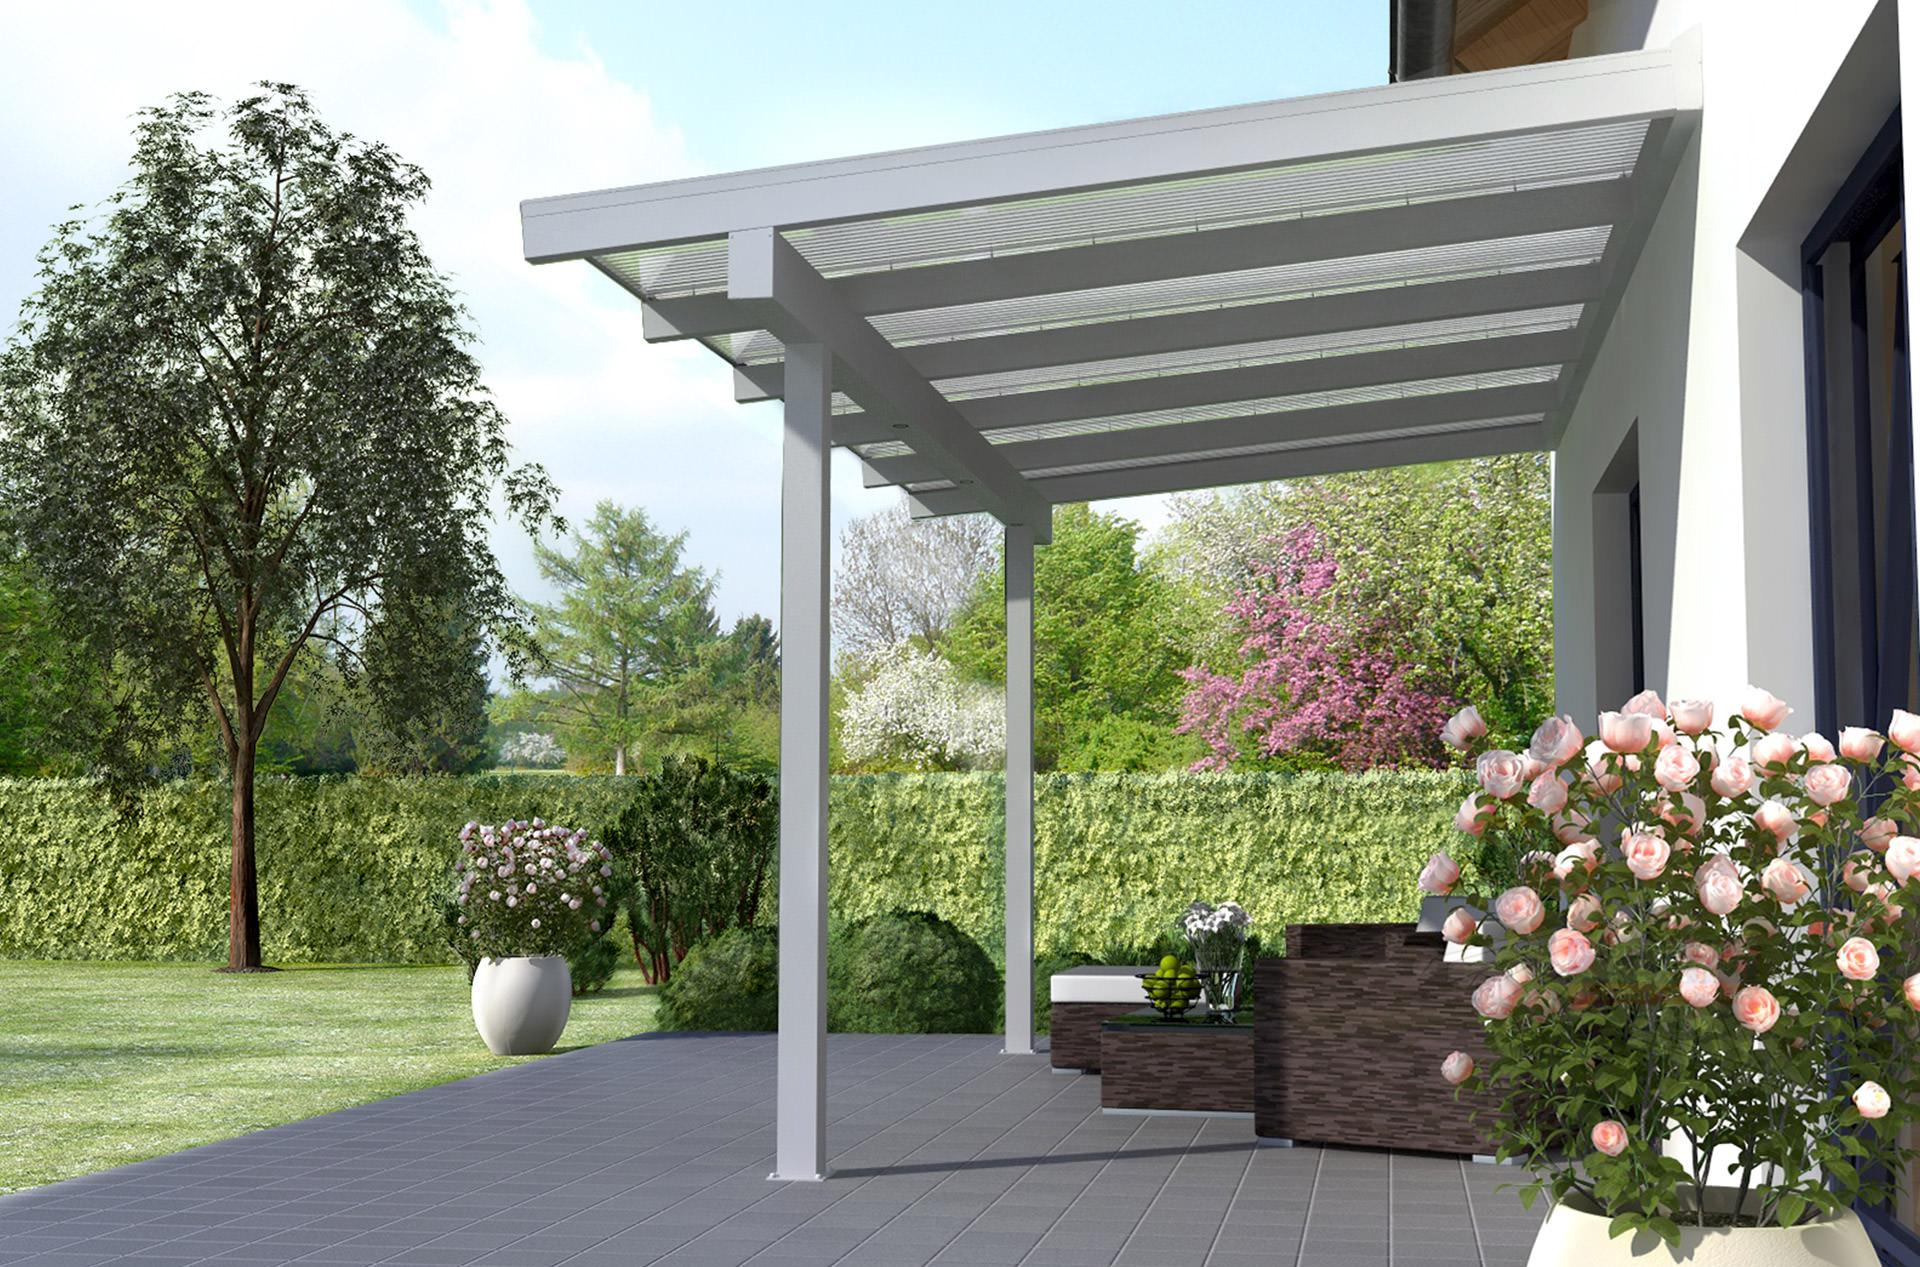 Terraclassic Alu Terrassenuberdachung 5m X 2m Terrasse De